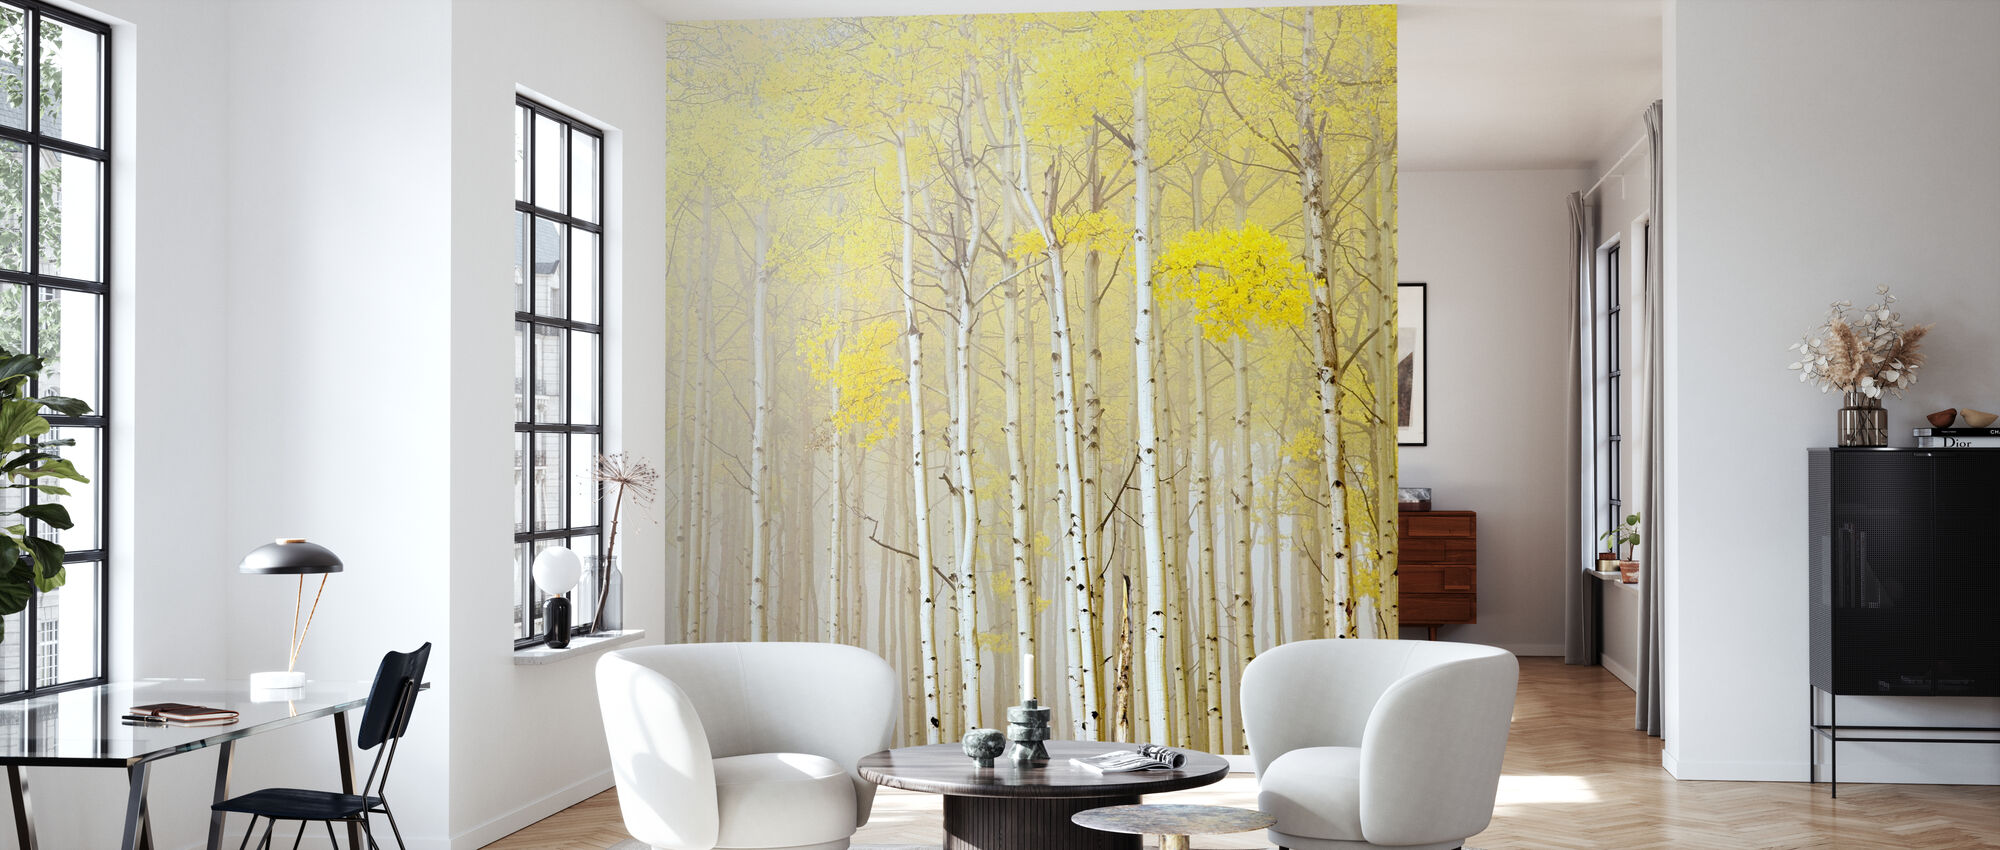 Aspens in Fog - Wallpaper - Living Room